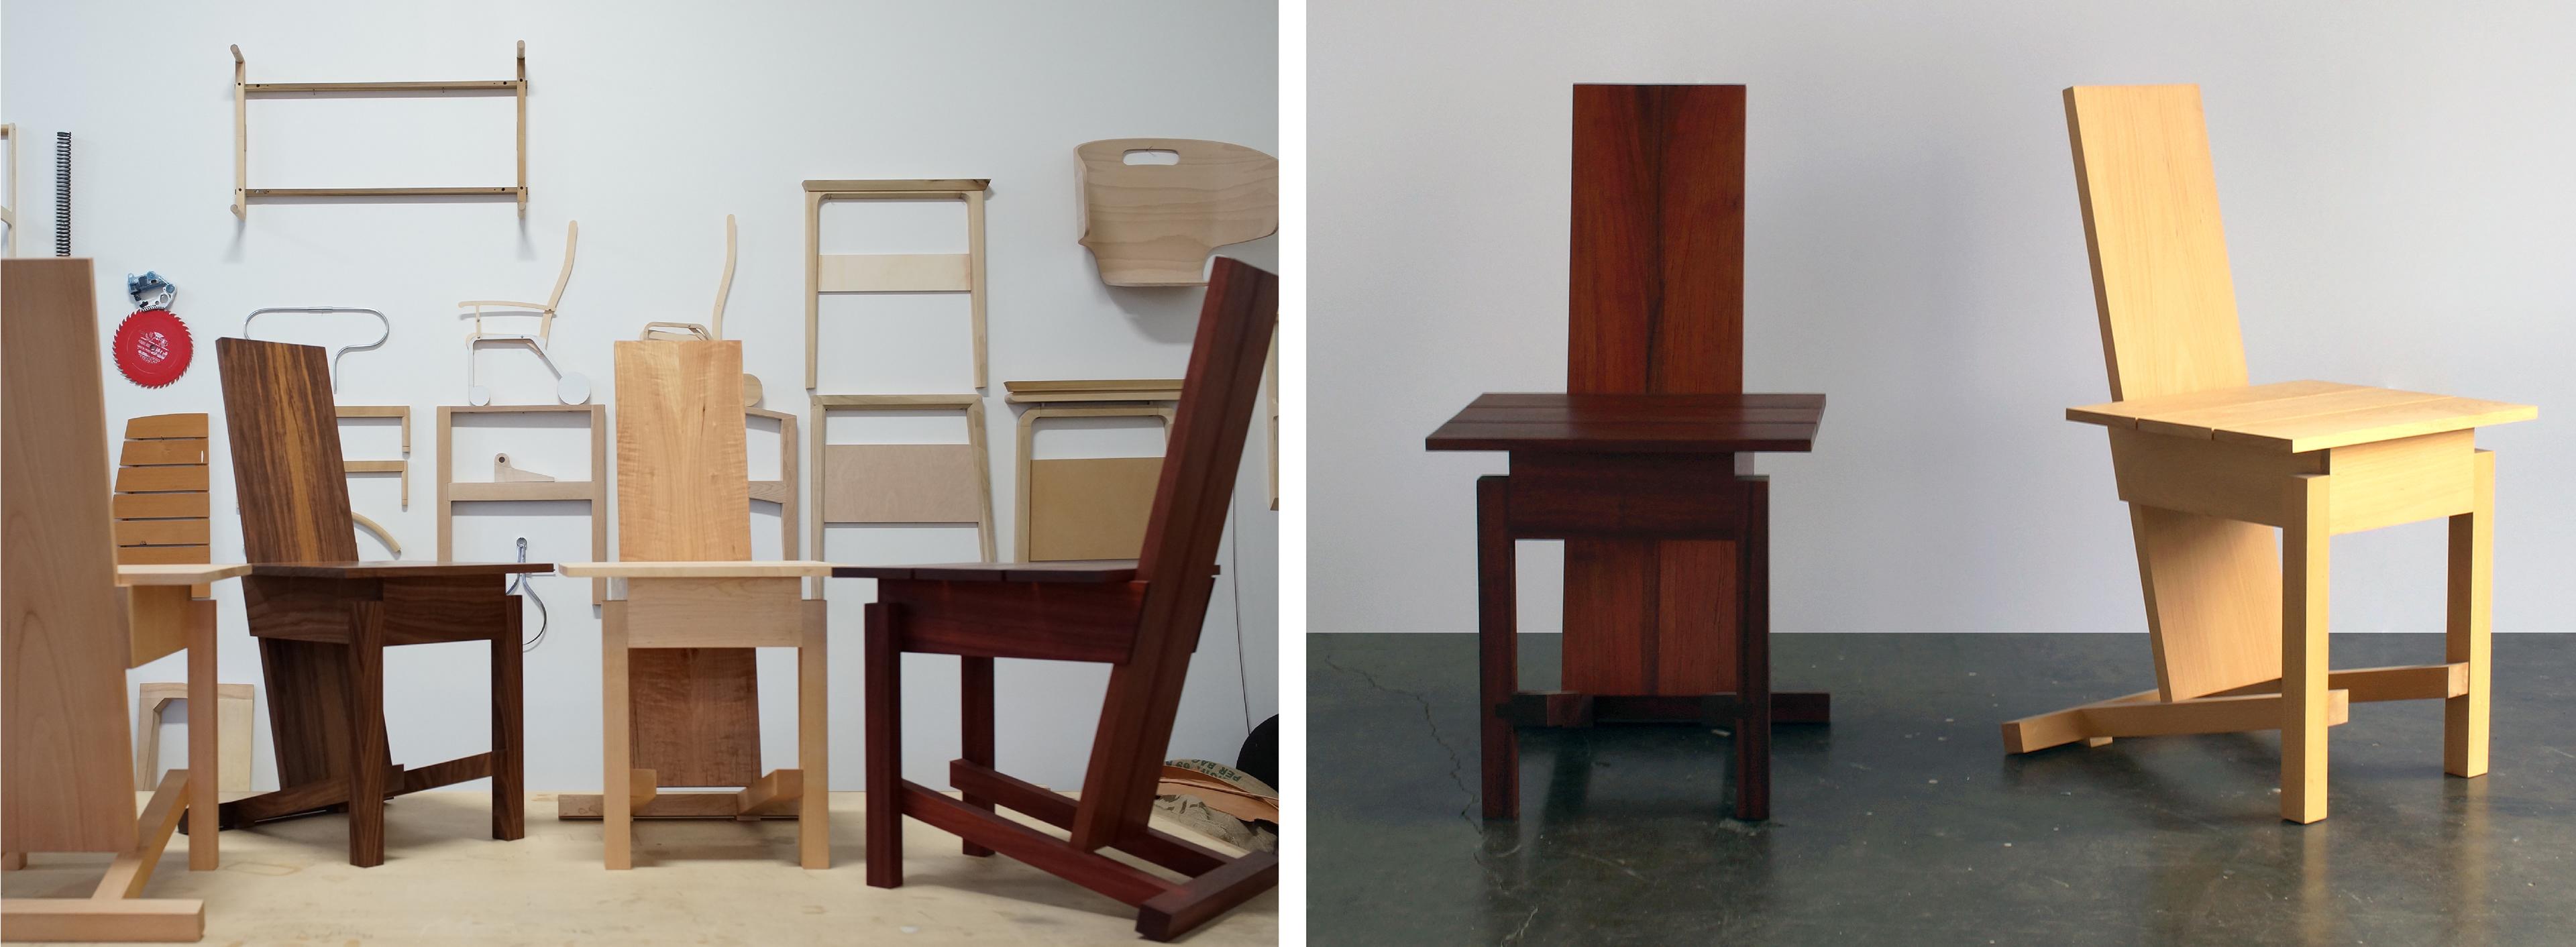 simons k furniture ria skandium cushions cupboard rs rgb cushion raf pack